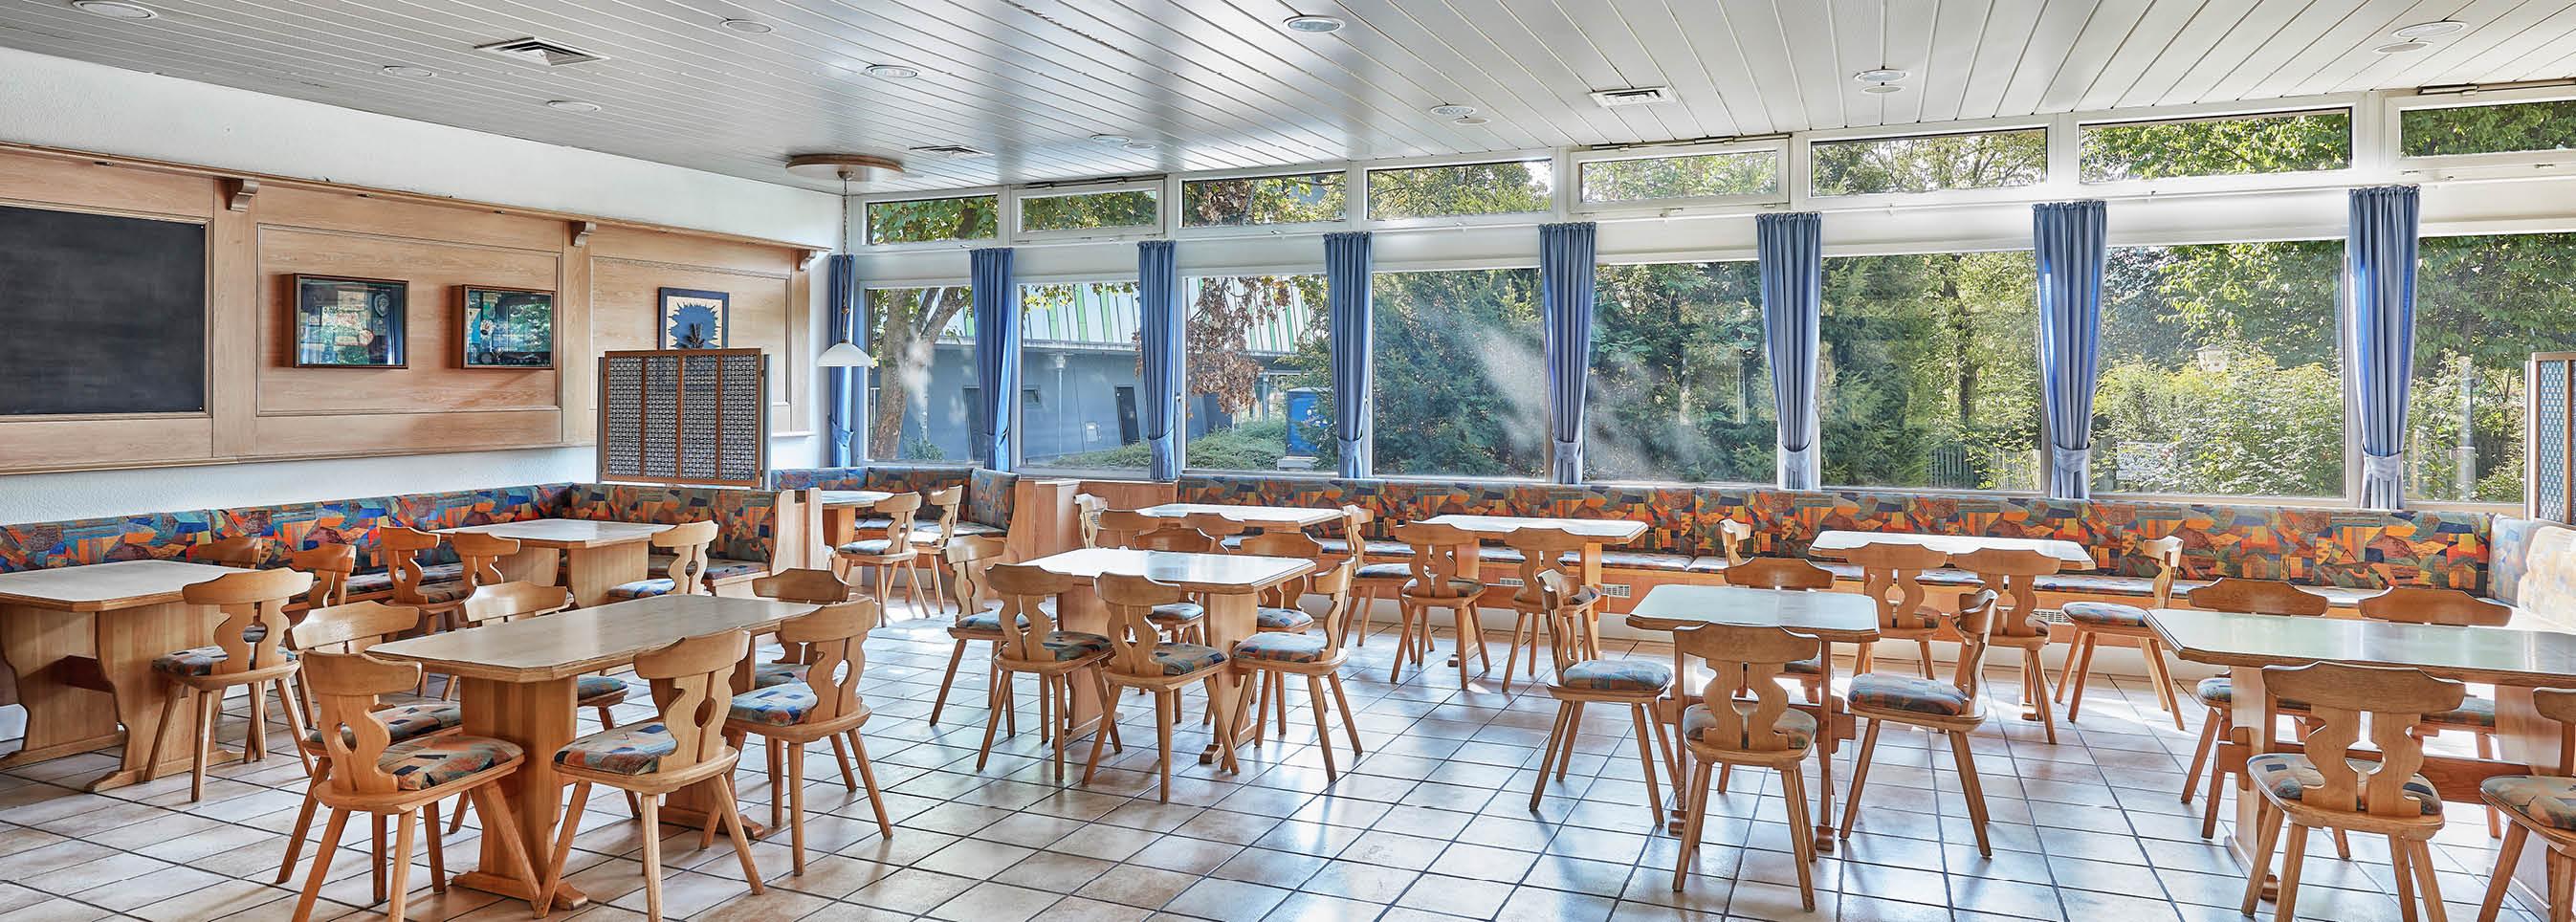 Gaststätte – An der Kreuzeiche 2, Reutlingen